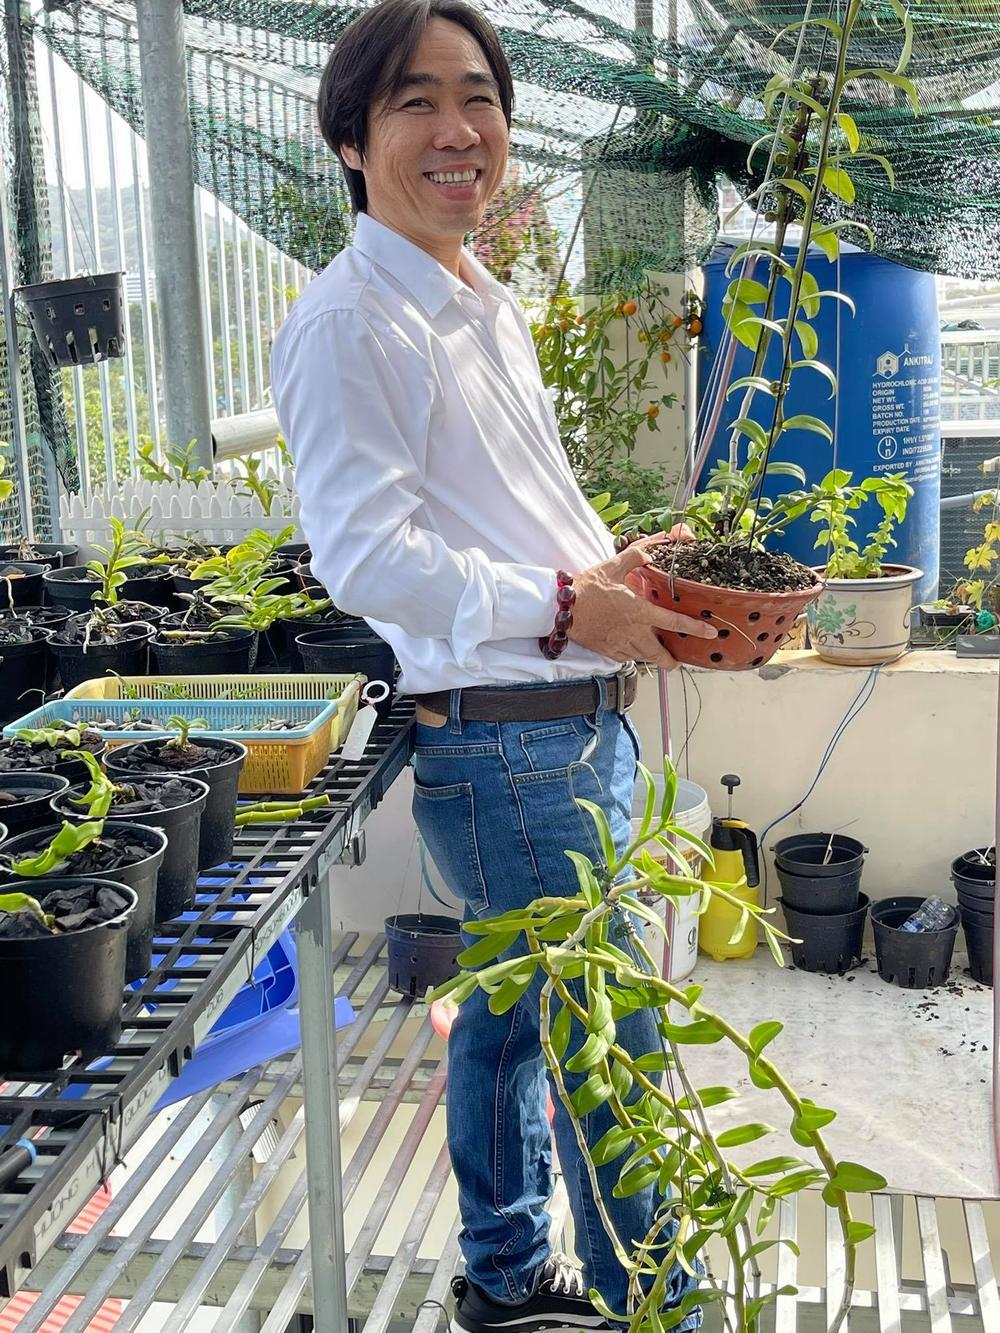 Ông chủ Nguyễn Huy Bình và vườn lan 'khủng' nhiều người ngưỡng mộ Ảnh 3